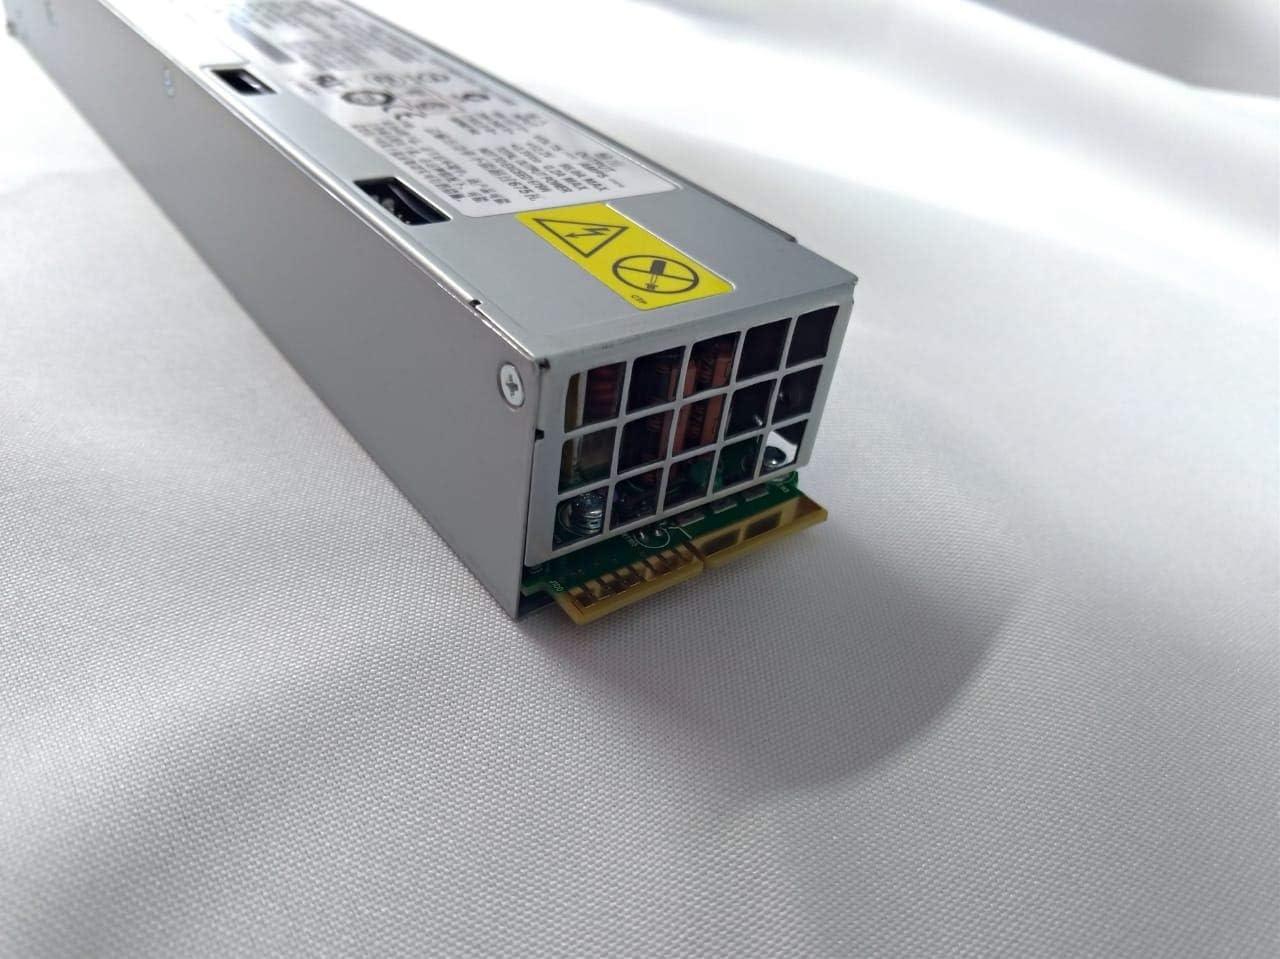 IBM 7001484-J000 675W X3550 PSU